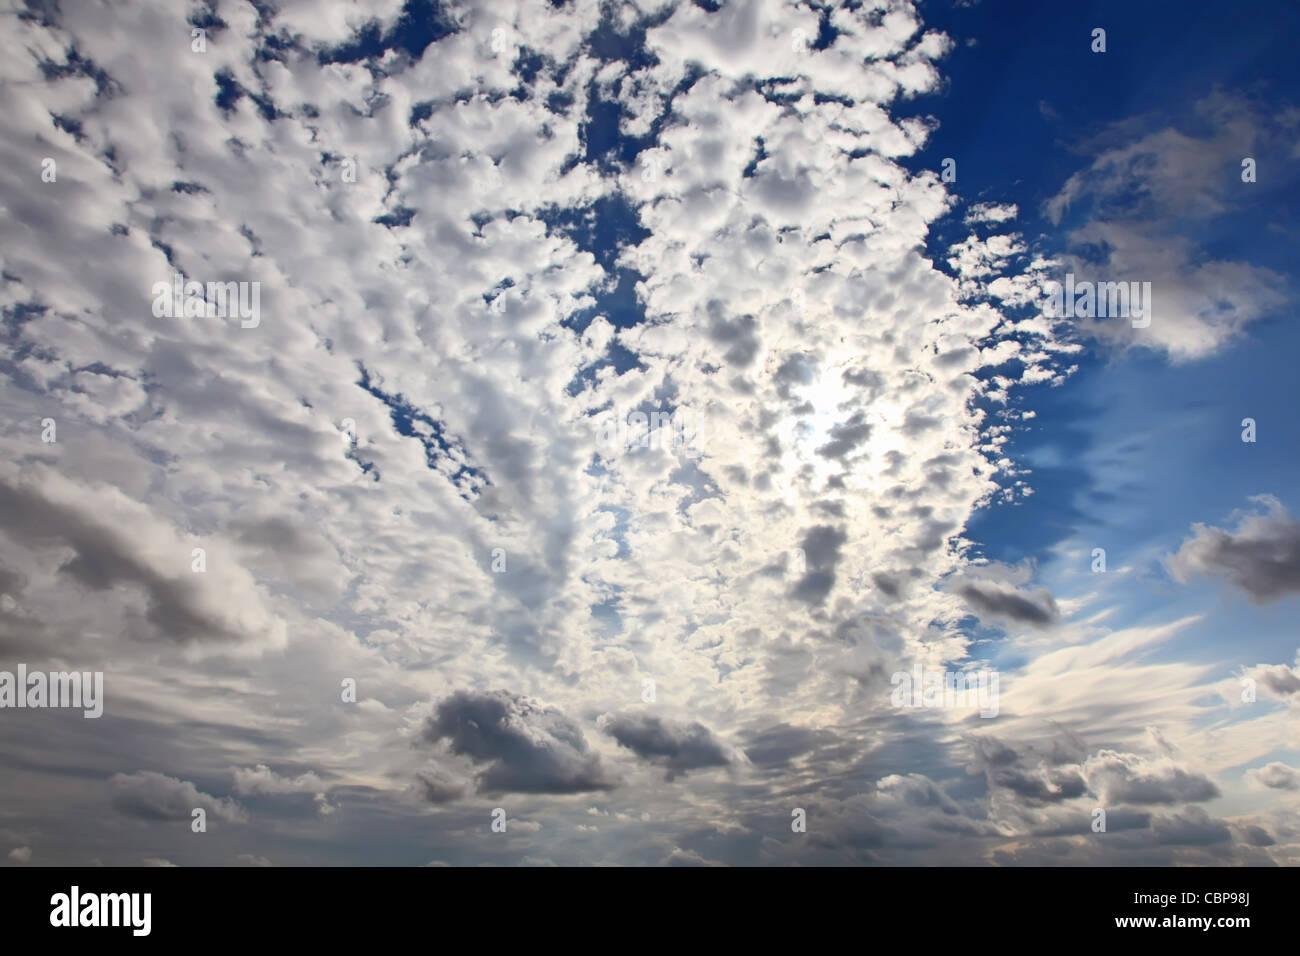 Blauer Himmelshintergrund. Wolken vor der Sonne. Hochauflösende Hintergrund für Ihr Kunstwerk. Stockbild